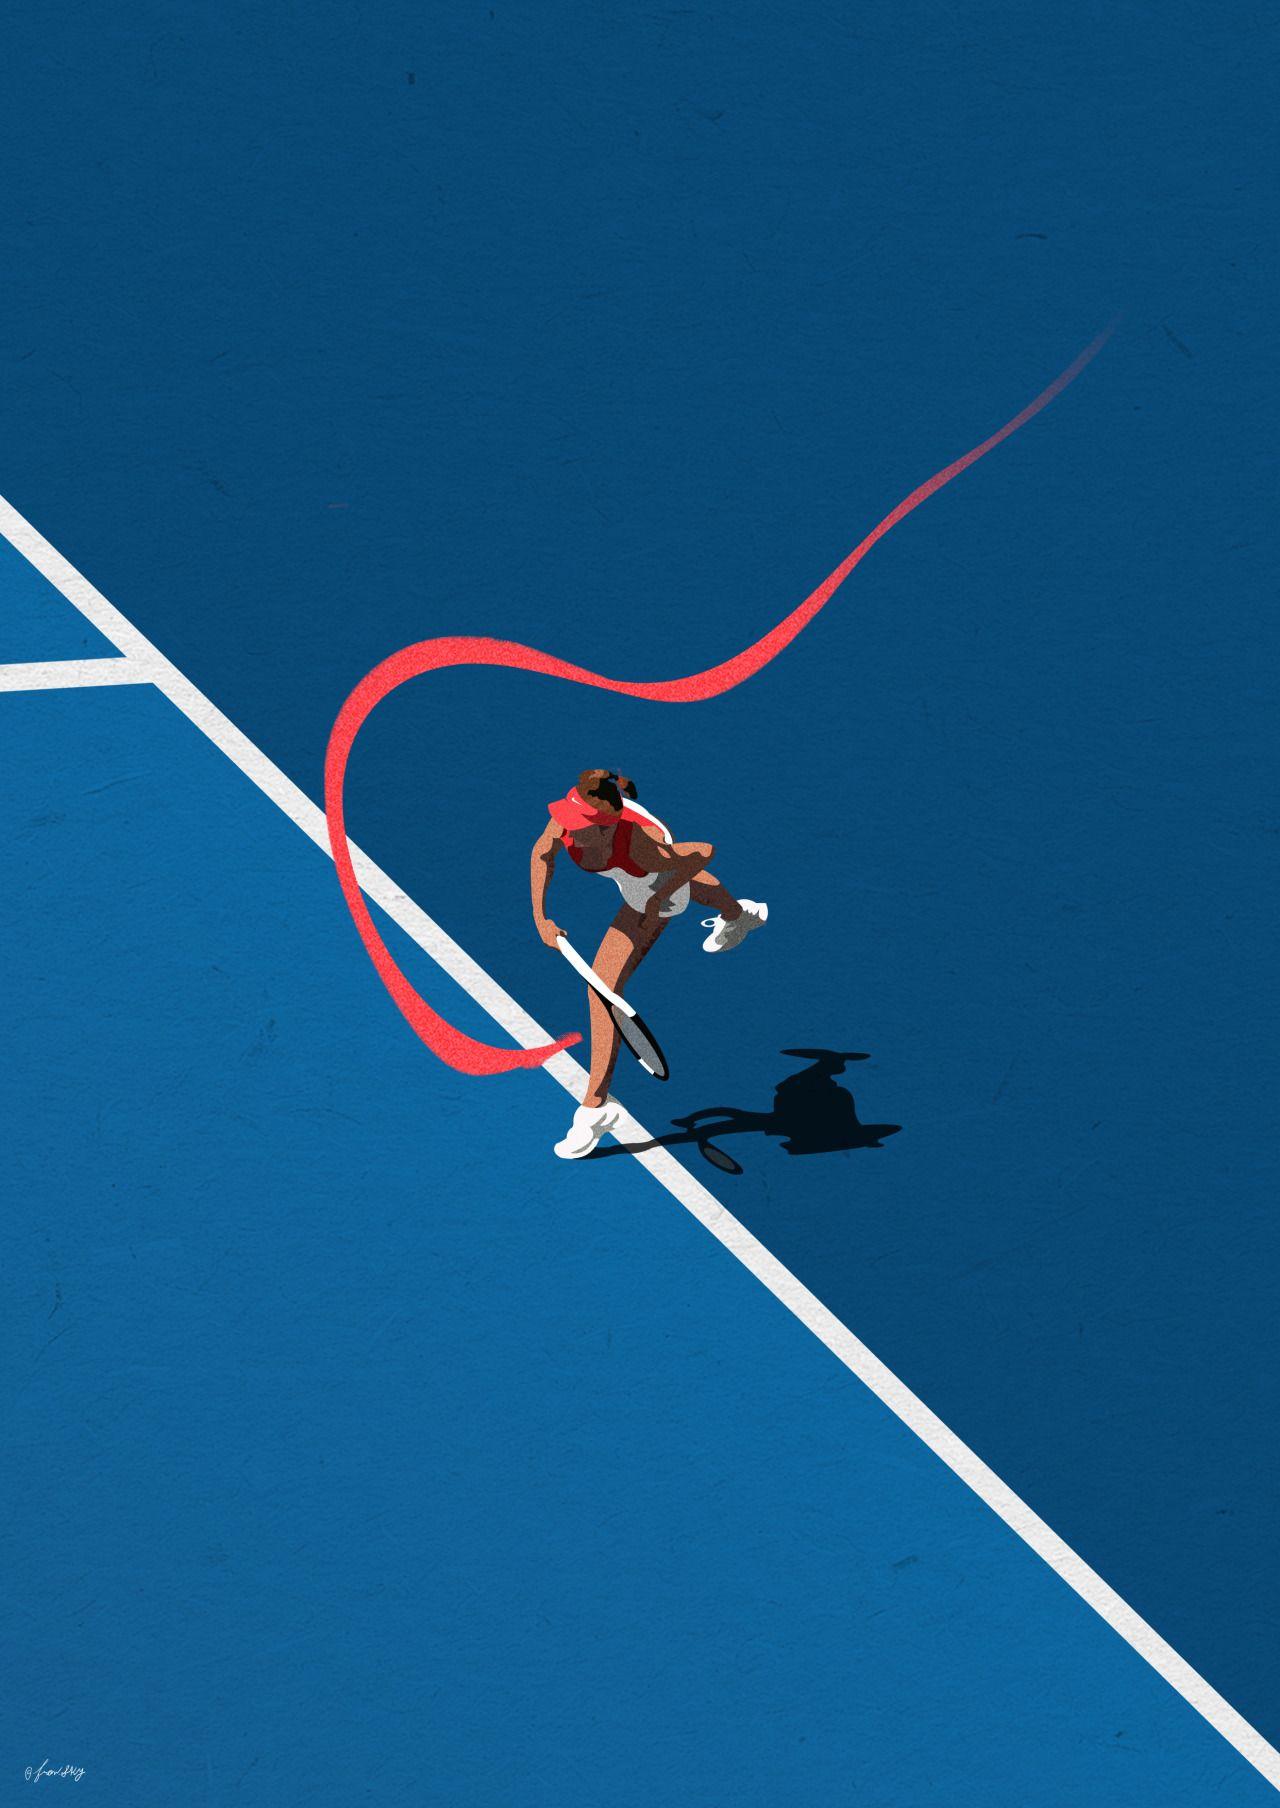 Tennis Girl (Rio 2016 Series) | 広告デザイン, ポートフォリオ 表紙, デザイン